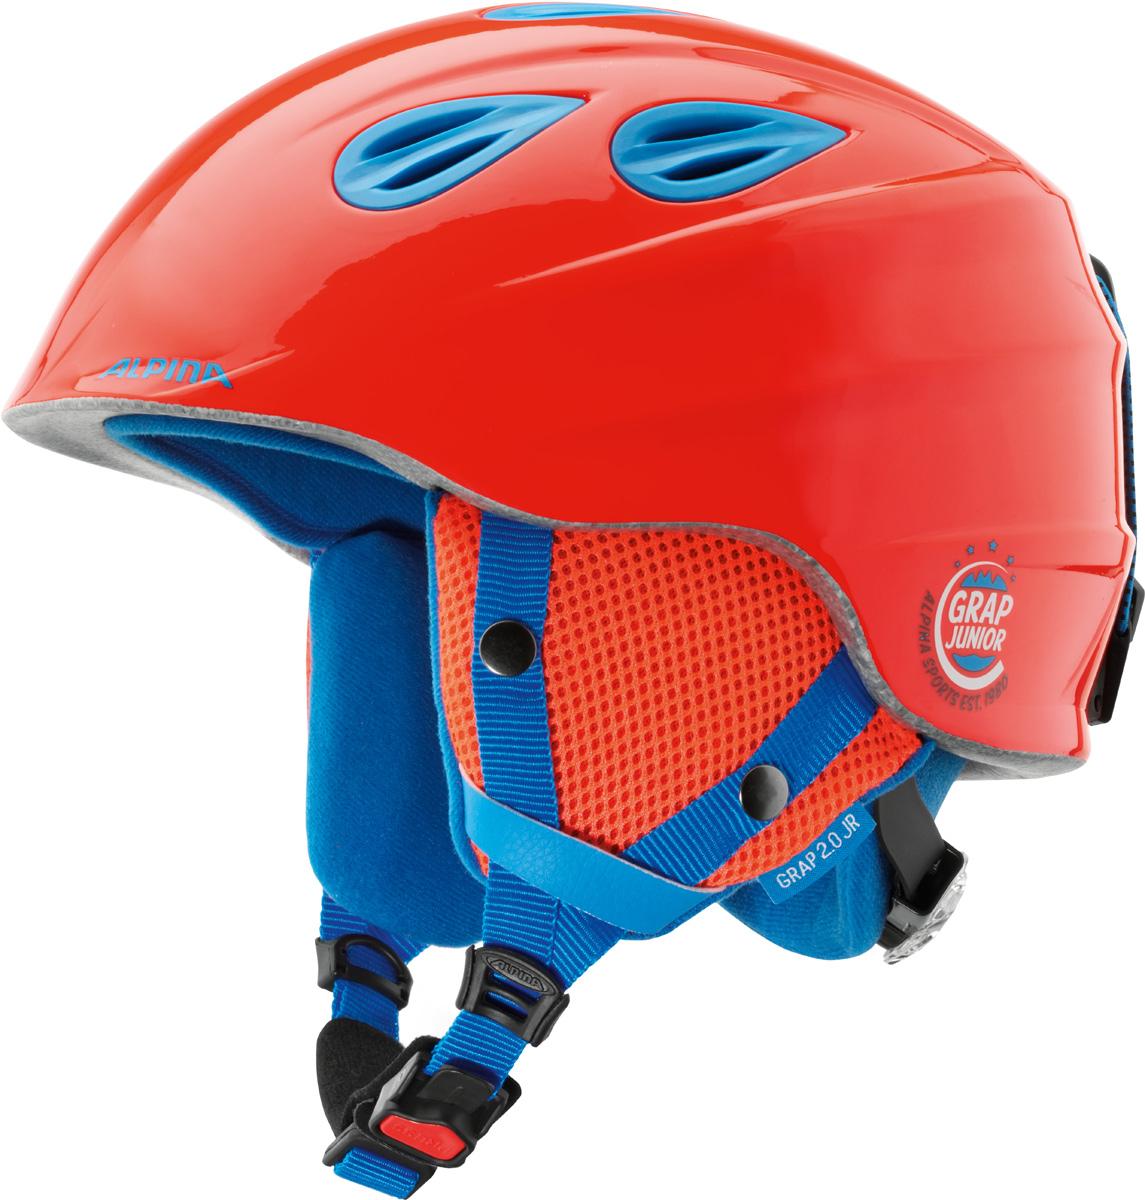 Шлем горнолыжный Alpina Grap 2.0 JR, цвет: красный. A9086_40. Размер 51-54A9086_40Детская версия популярнейшего шлема Alpina Grap 2.0, сохранившая все технические преимущества взрослой модели.Технологии:Конструкция In-Mold - соединение внутреннего слоя из EPS (вспененного полистирола) с внешним покрытием под большим давлением в условиях высокой температуры. В результате внешняя поликарбонатная оболочка сохраняет форму конструкции, предотвращая поломку и попадание осколков внутрь шлема, а внутренний слой Hi-EPS, состоящий из множества наполненных воздухом гранул, амортизирует ударную волну, защищая голову райдера от повреждений.Внешнее покрытие Ceramic Shell обеспечивает повышенную ударопрочность и износостойкость, а также обладает защитой от УФ-излучений, препятствующей выгоранию на солнце, и антистатичными свойствами.Съемный внутренний тканевый слой. Подкладку можно постирать и легко вставить обратно. Своевременный уход за внутренником предотвращает появление неприятного запаха.Вентиляционная система с раздвижным механизмом с возможностью регулировки интенсивности потока воздуха.Классическая система регулировки в шлемах Alpina Run System с регулировочным кольцом на затылке позволяет быстро и легко подобрать оптимальную и комфортную плотность посадки на голове.Съемные ушки согревают в холодную погоду, а в теплую компактно хранятся в кармане куртки.Шейный воротник из микрофлиса в задней части шлема быстро согревает и не давит на шею.Ремешок фиксируется кнопкой с запирающим механизмом. Застежка максимально удобна для использования в перчатках.Система Edge Protect в конструкции шлема защищает голову горнолыжника при боковом ударе.Система Y-Clip гарантирует оптимальную посадку с миллиметровой точностью. Y-зажим соединяет два ремешка вместе и удобно фиксирует их под ухом.Съемные элементы позволяют использовать шлем всесезонно.